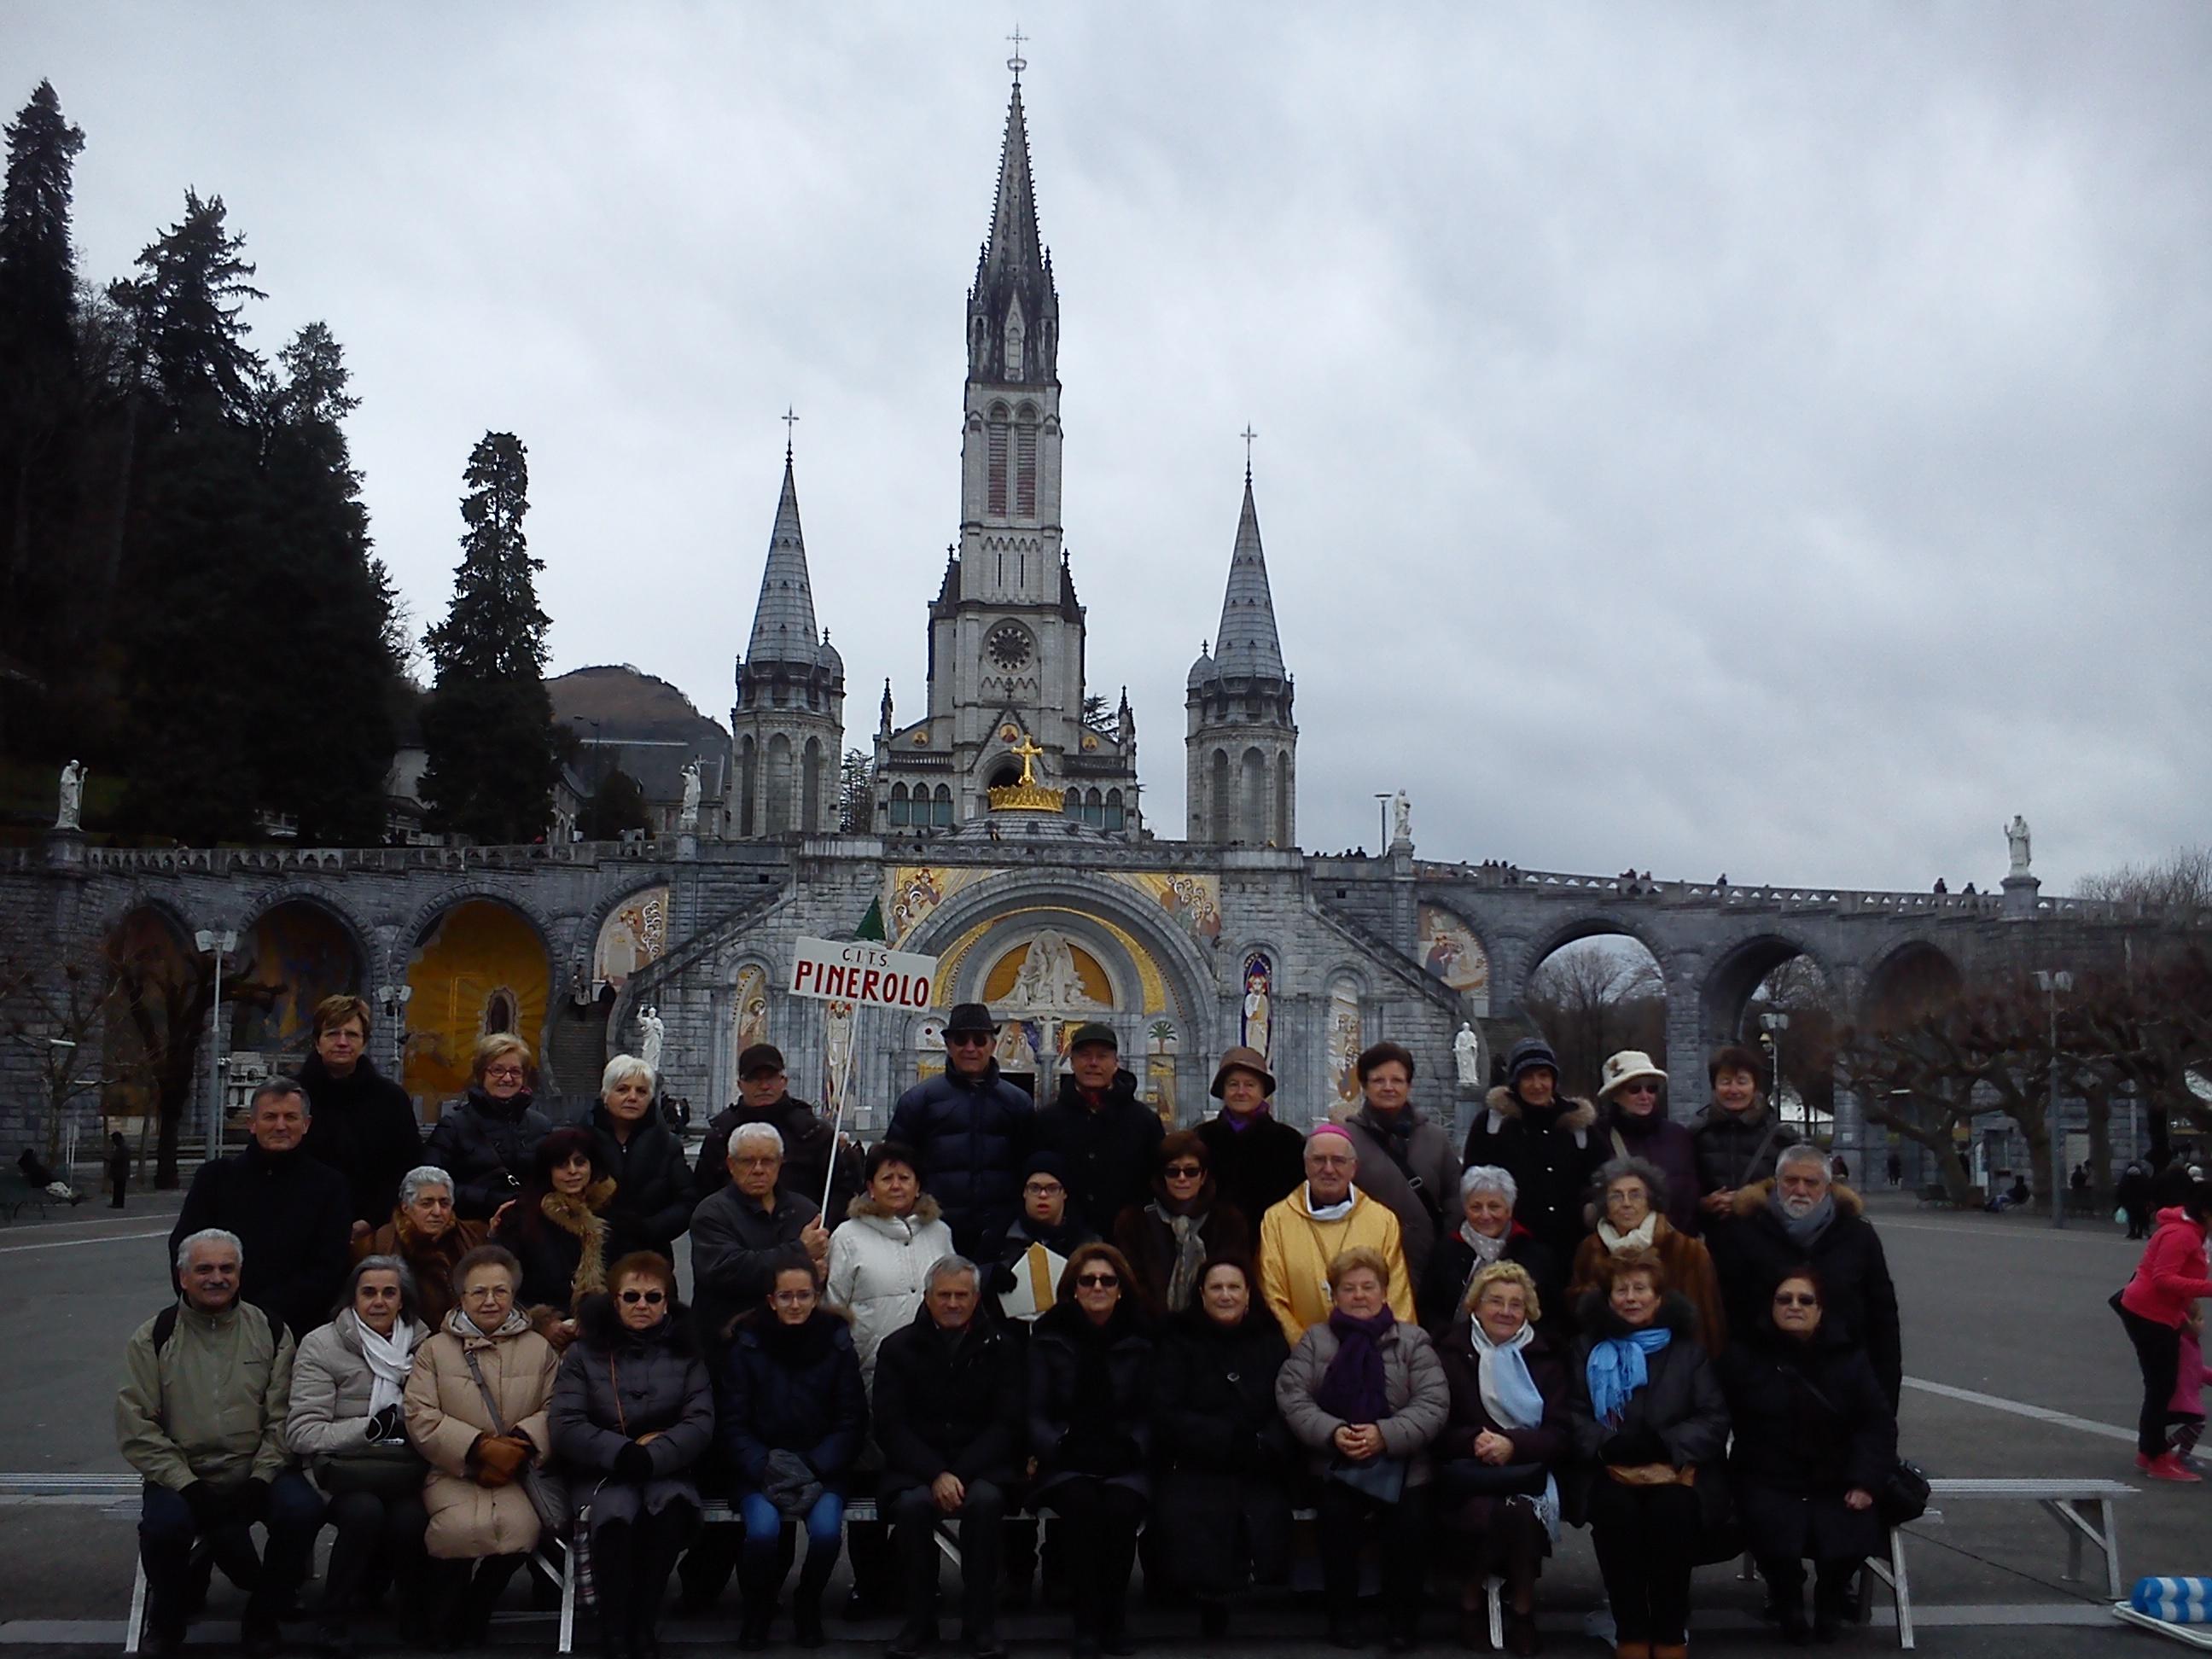 Il vescovo di Pinerolo a Lourdes con il CITS